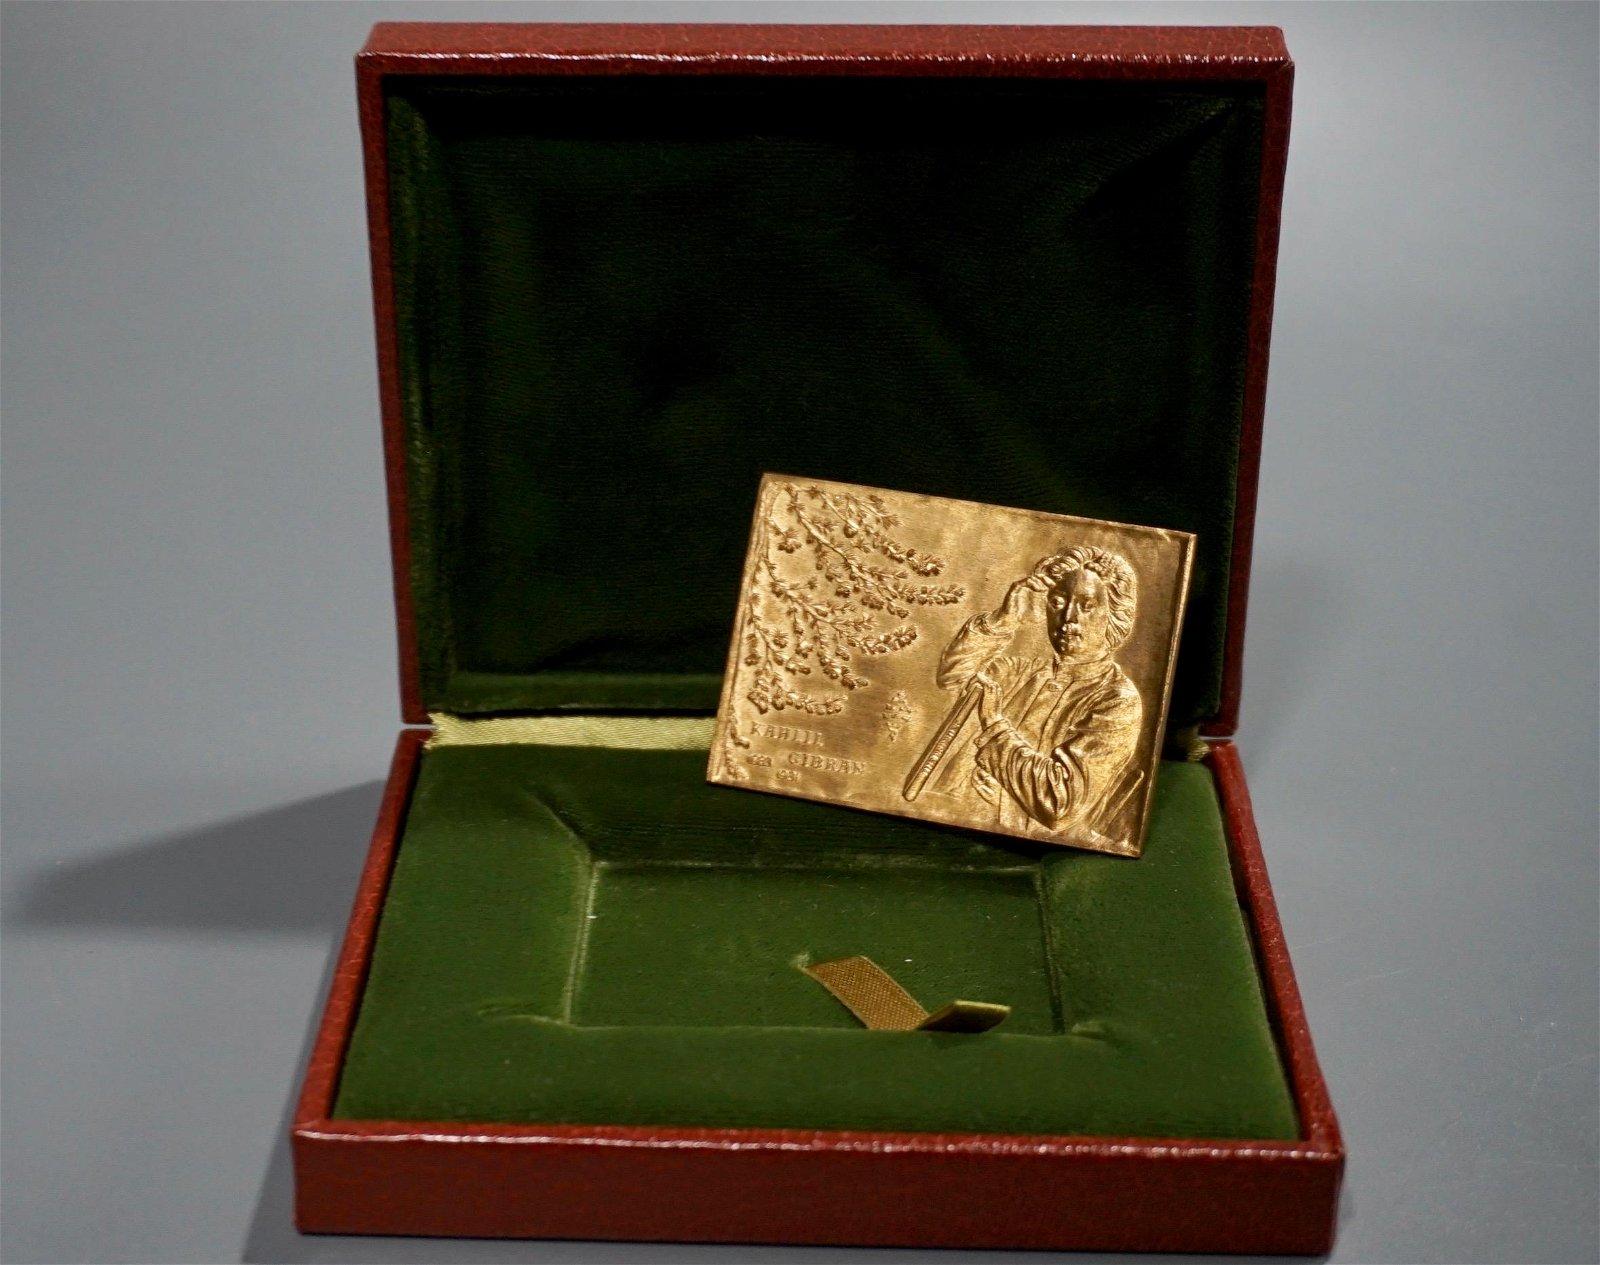 Khalil Gibran The Prophet Bronze Plaque Original